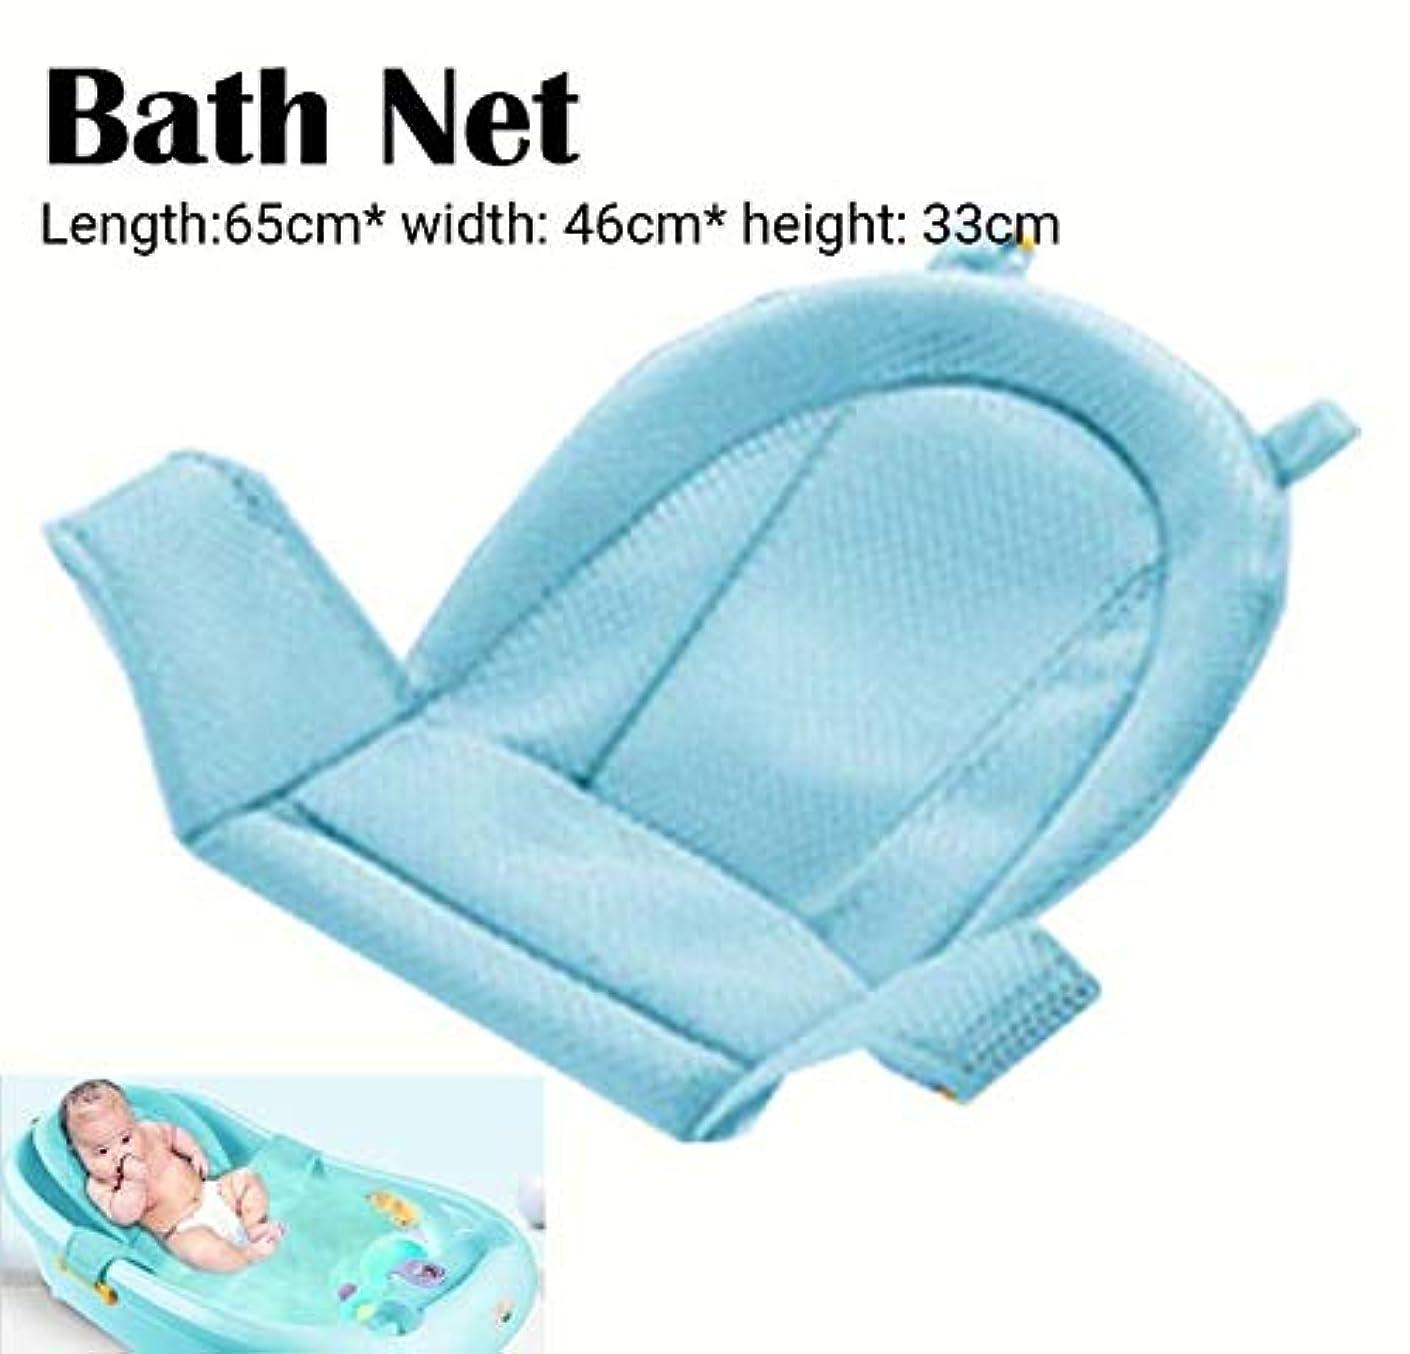 天才名誉ある手入れSMART 漫画ポータブル赤ちゃんノンスリップバスタブシャワー浴槽マット新生児安全セキュリティバスエアクッション折りたたみソフト枕シート クッション 椅子